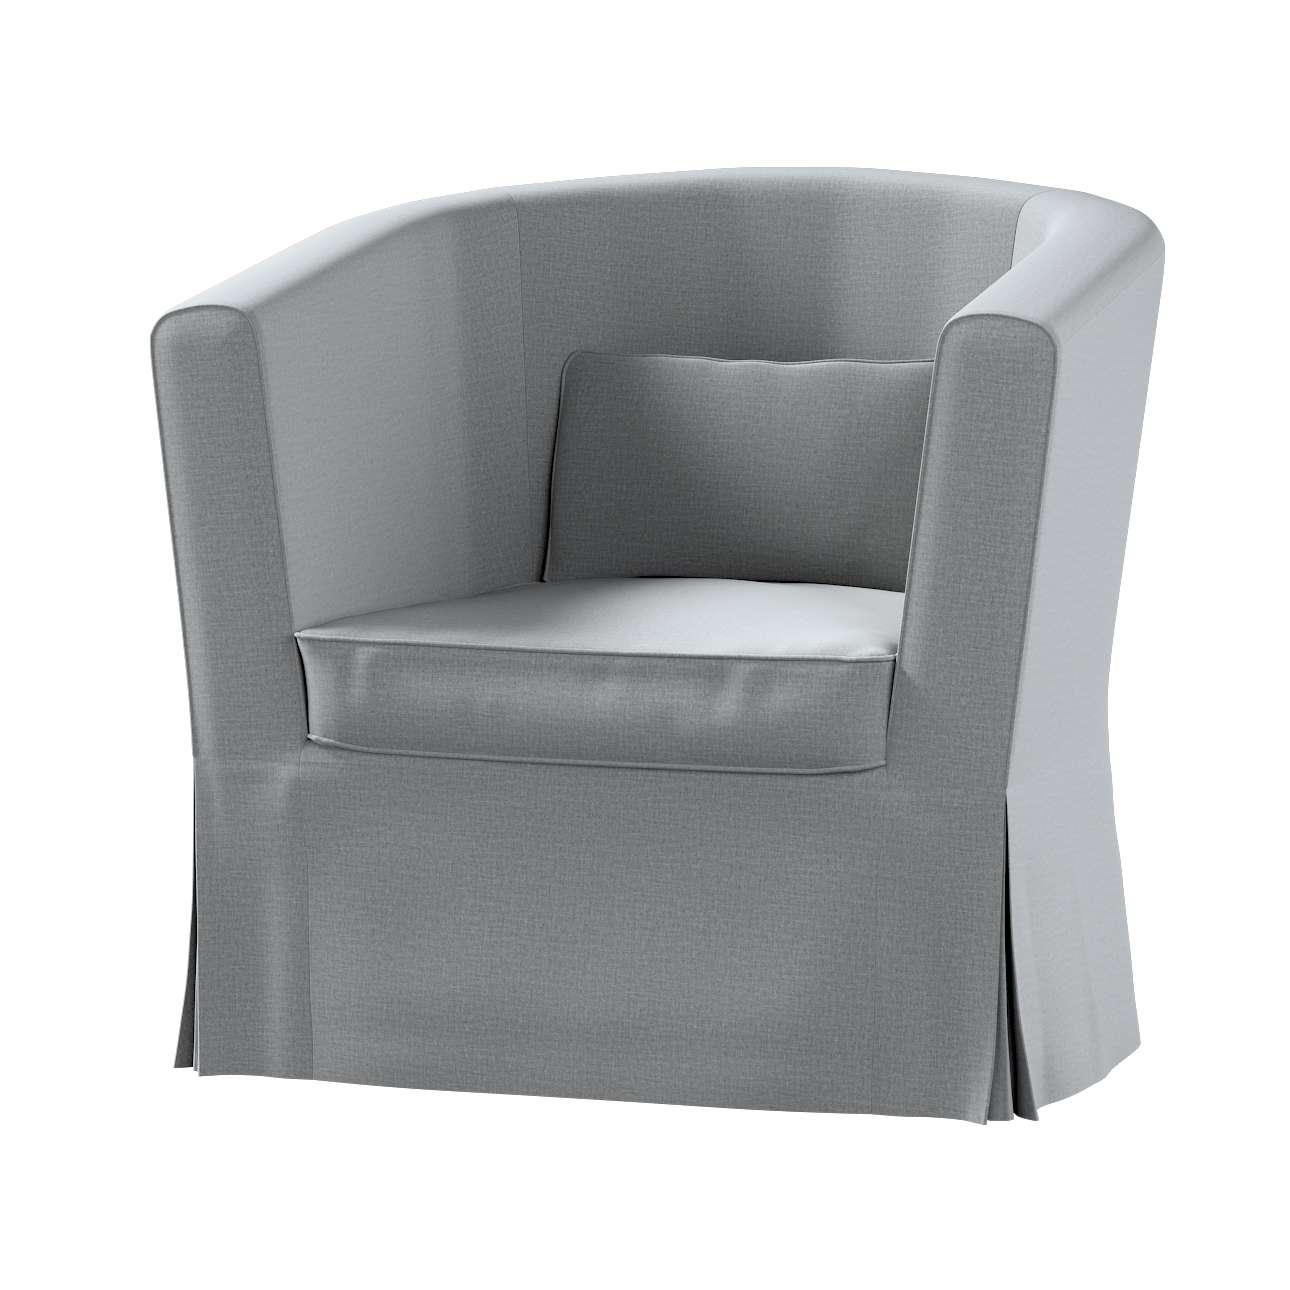 Pokrowiec na fotel Ektorp Tullsta w kolekcji Ingrid, tkanina: 705-42